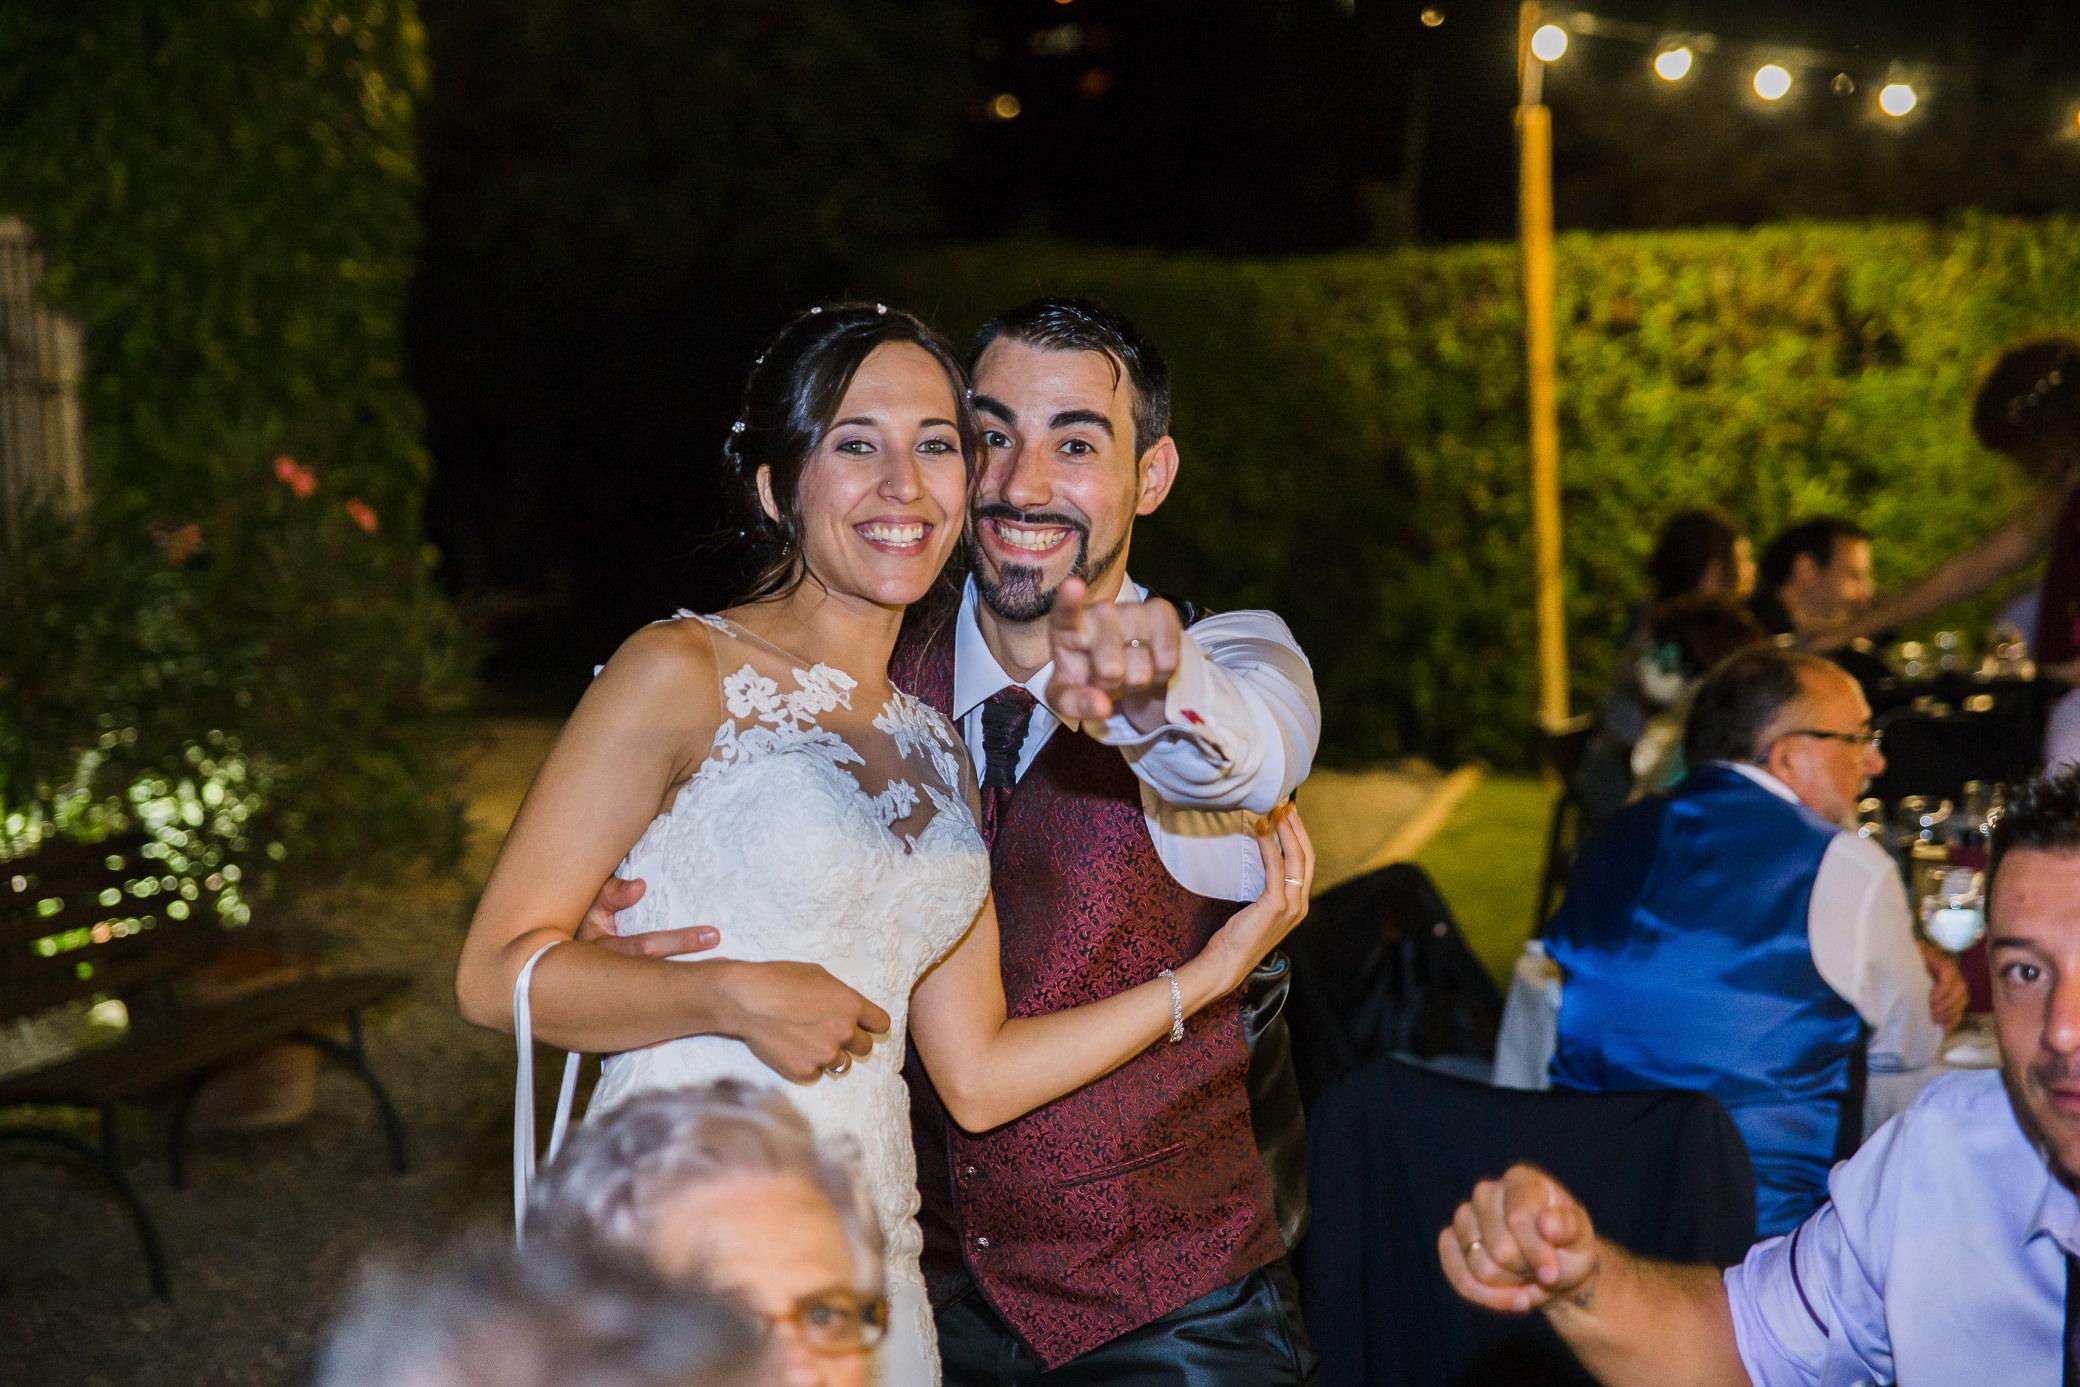 boda-aire-libre-can-tosca-photografeel-69.jpg